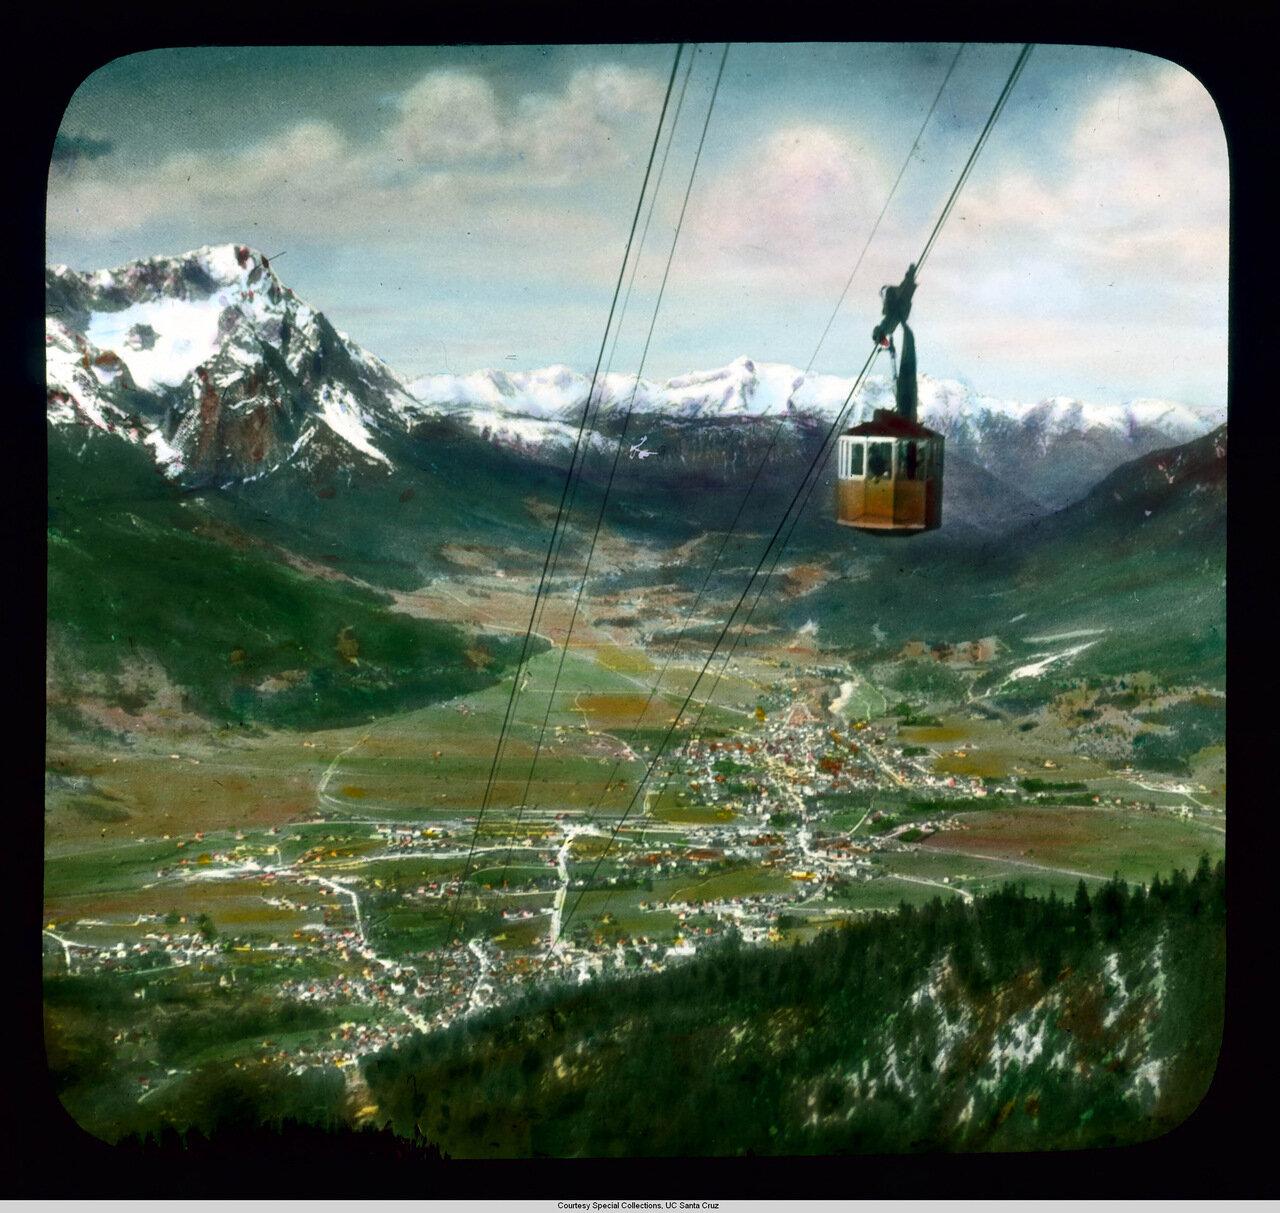 Гармиш-Партенкирхен. Подвесной кабель фуникулера на вершину горы Ванк и вид на Партенкирхен